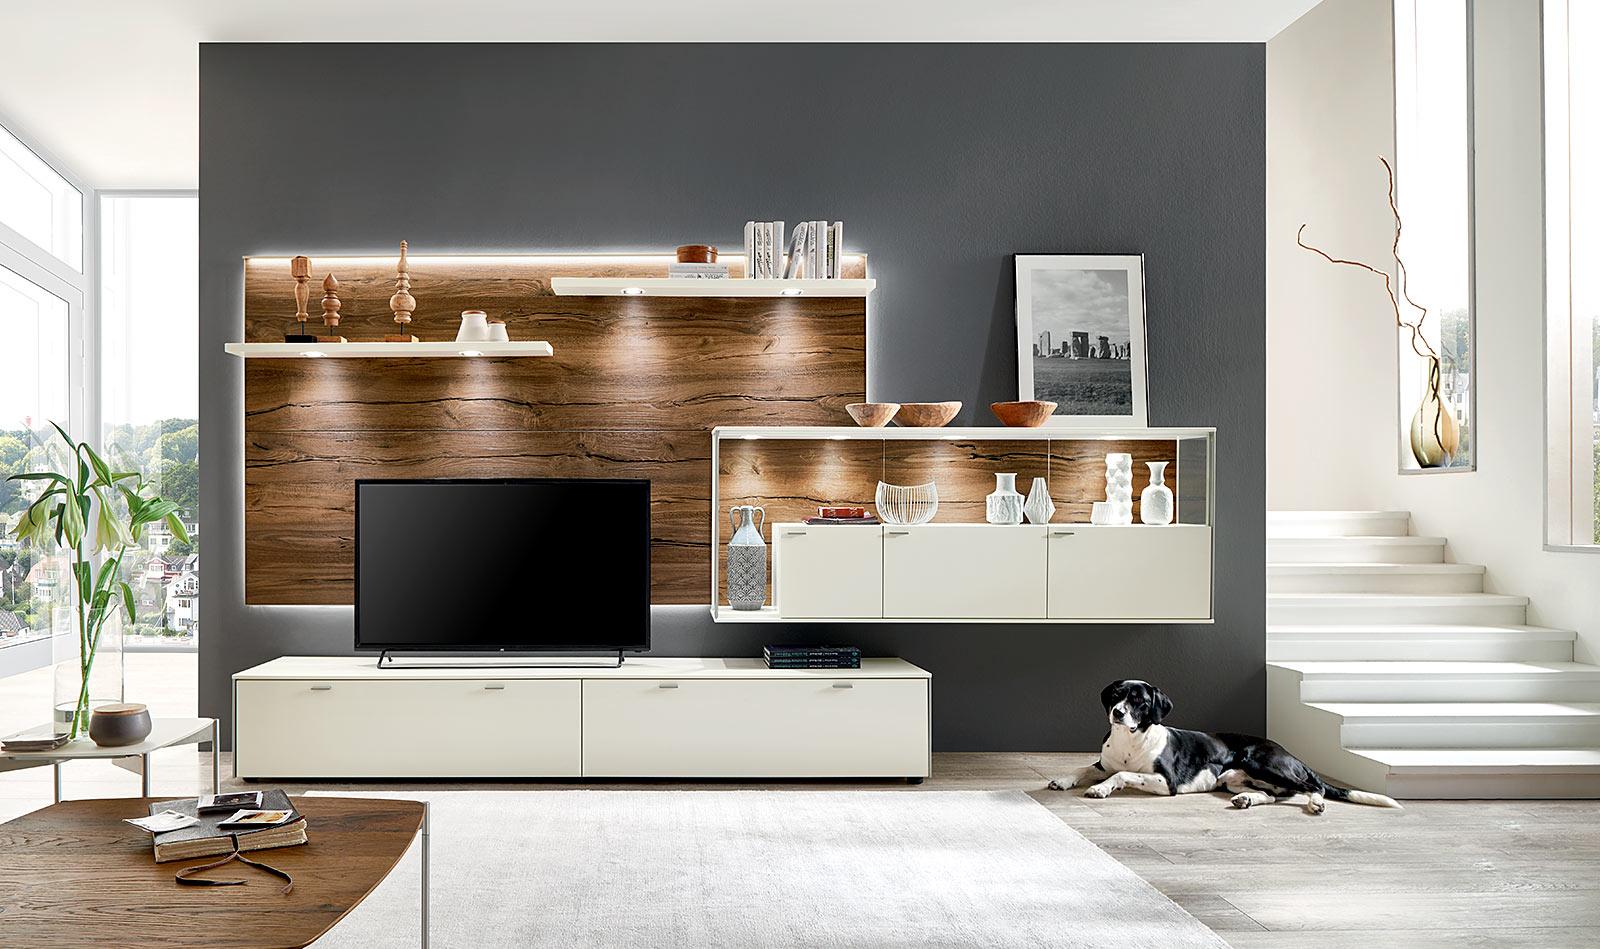 wohnzimmer programme sentino venjakob m bel vorsprung durch design und qualit t. Black Bedroom Furniture Sets. Home Design Ideas